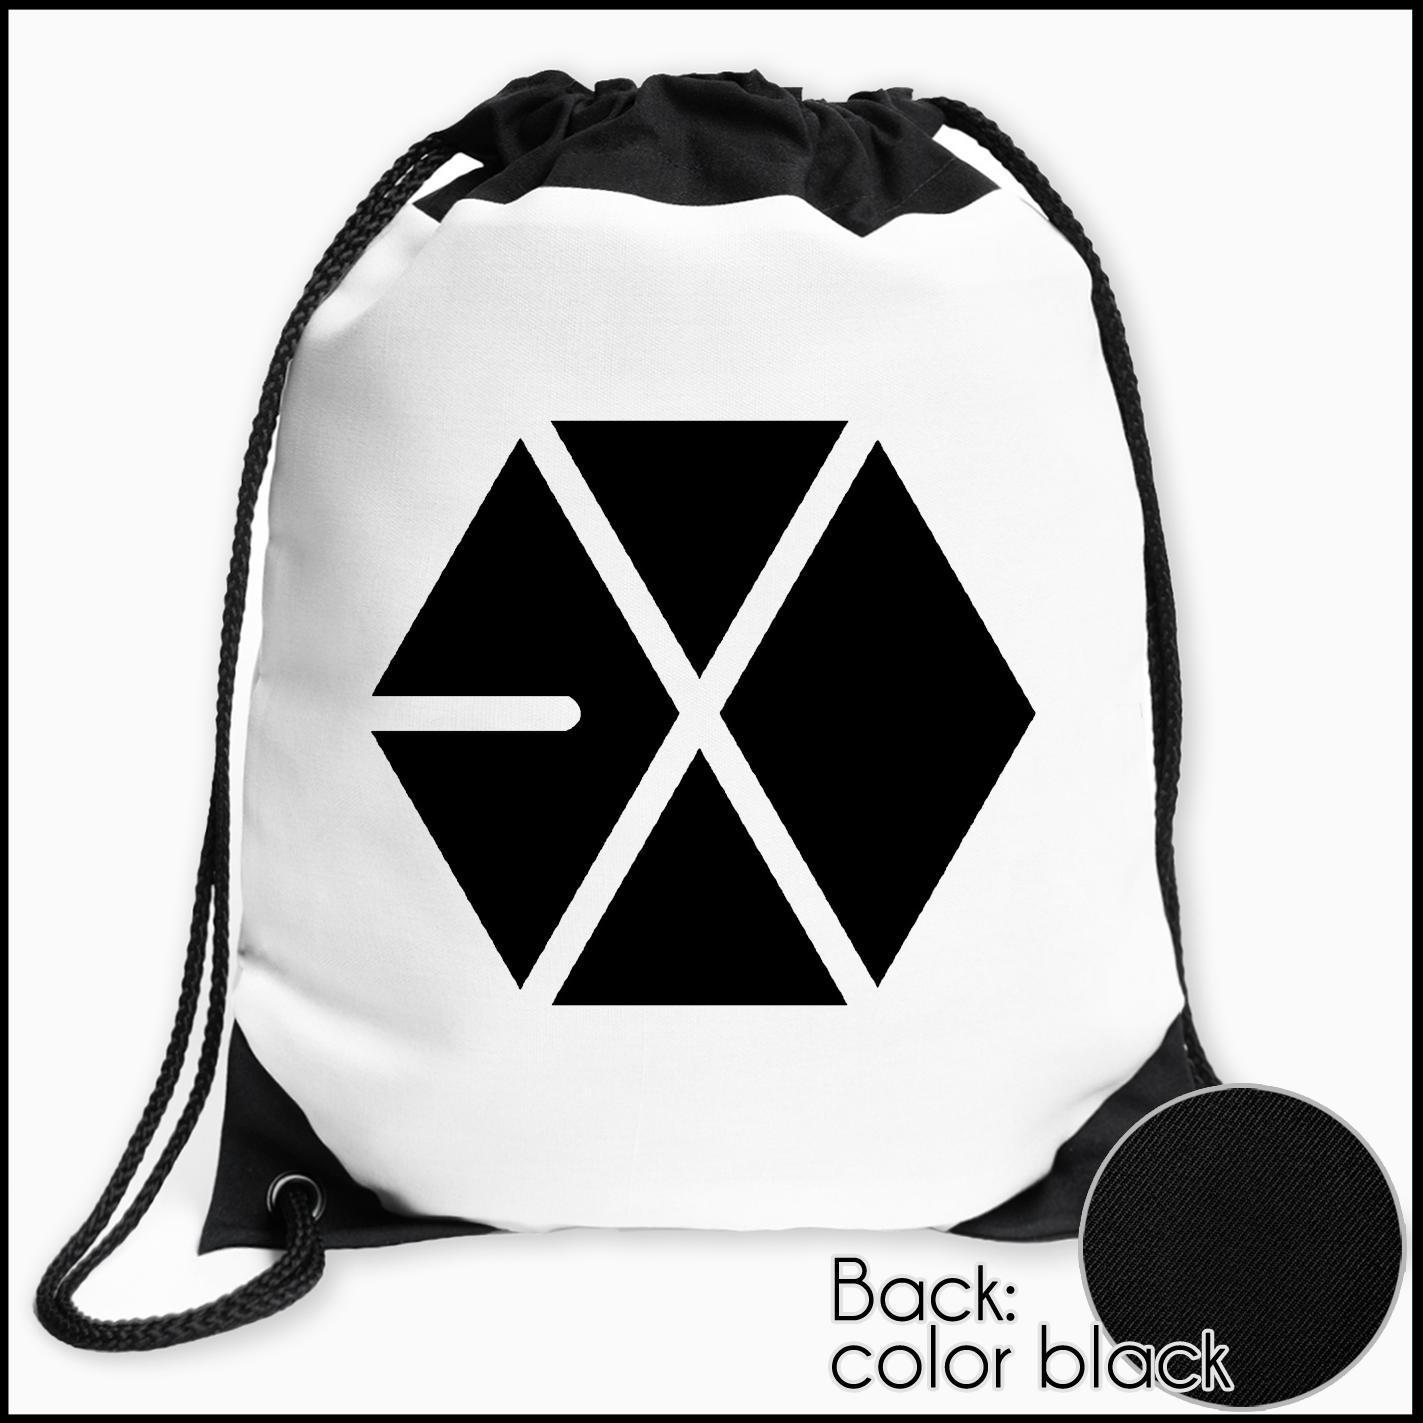 54cd5bf5fd10 Unisex Backpacks for sale - Unisex Travel Backpacks online brands ...